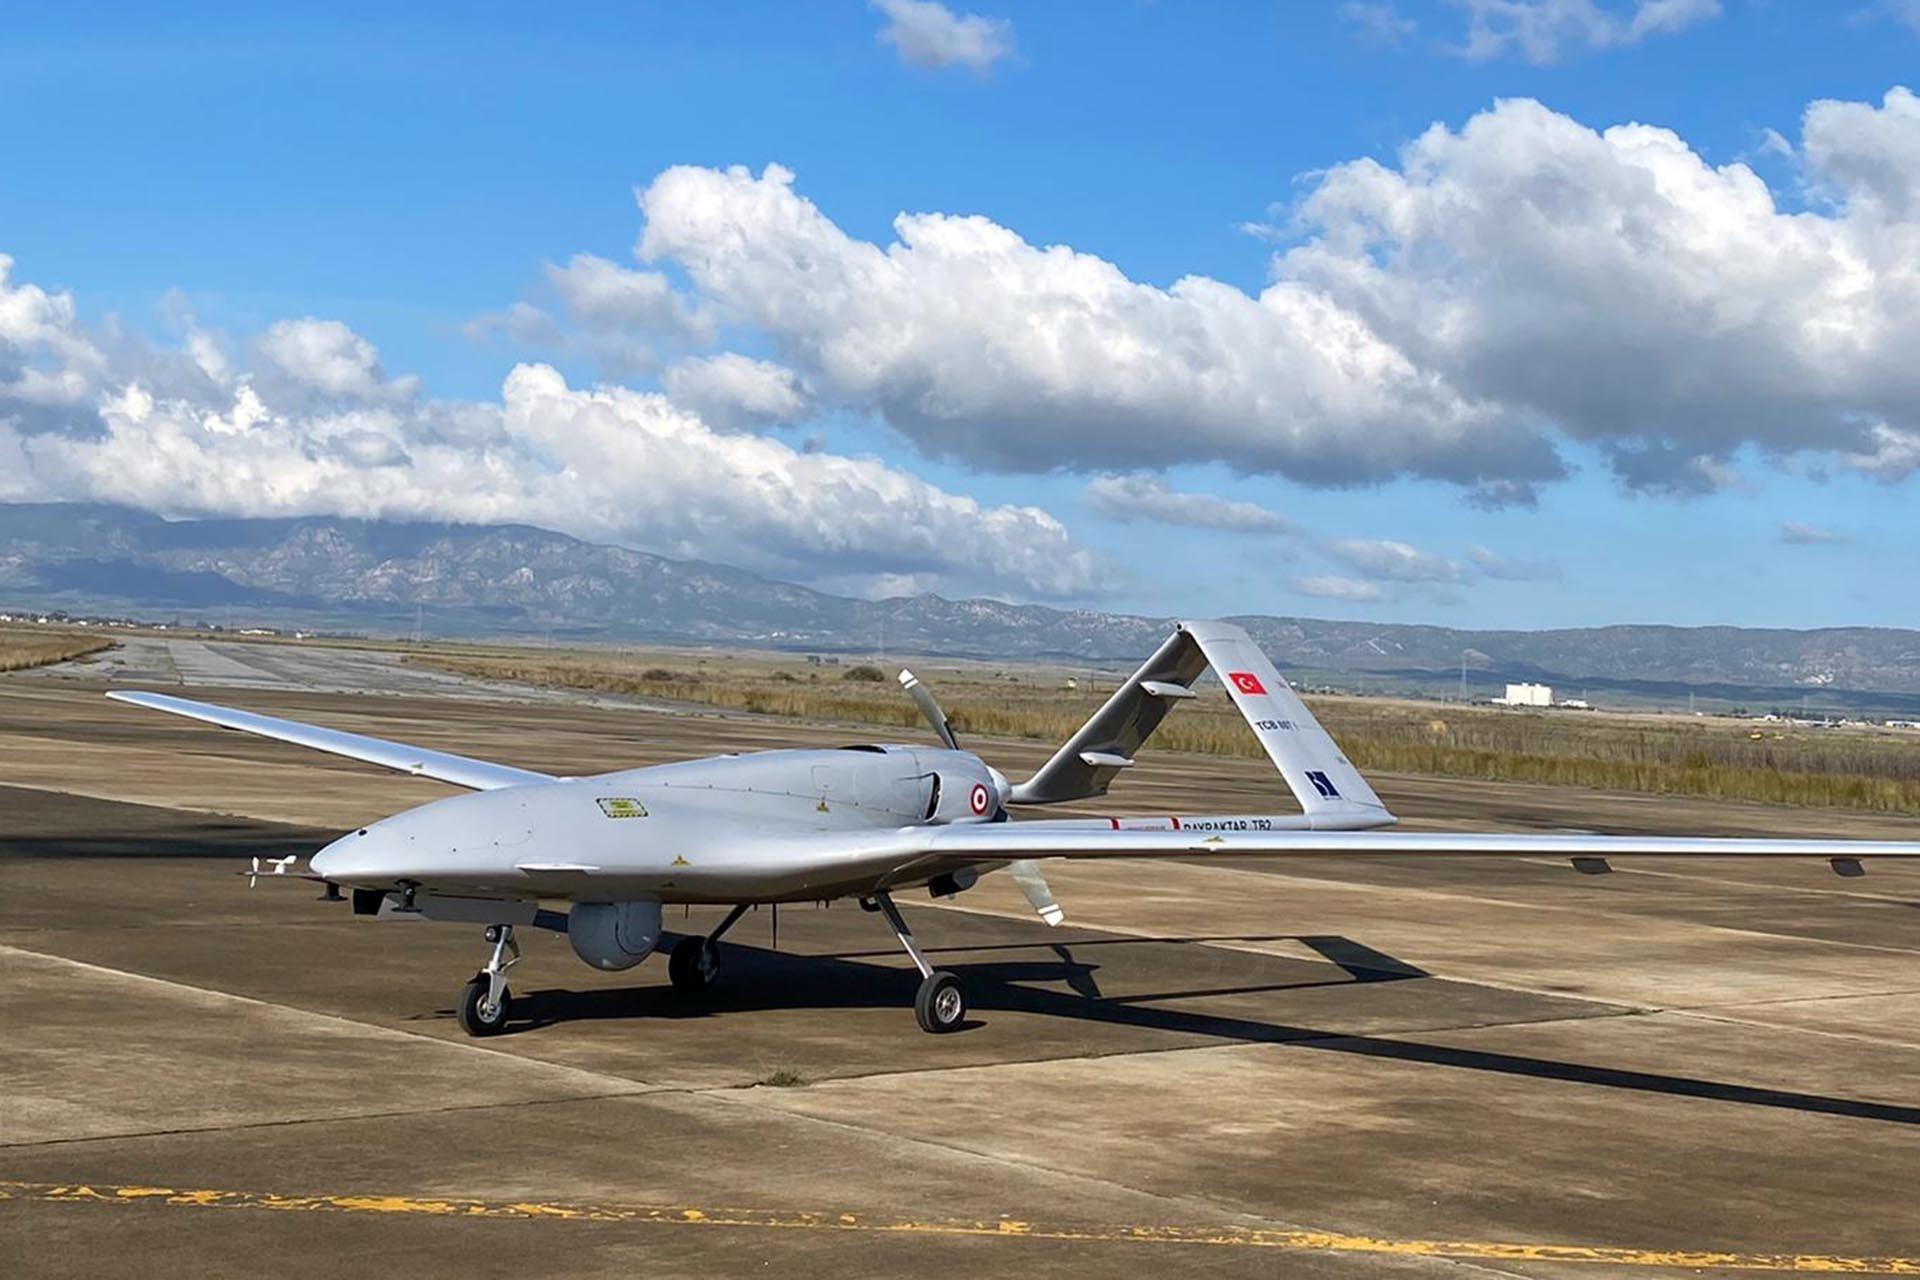 Silahlı insansız hava araçları SİHA